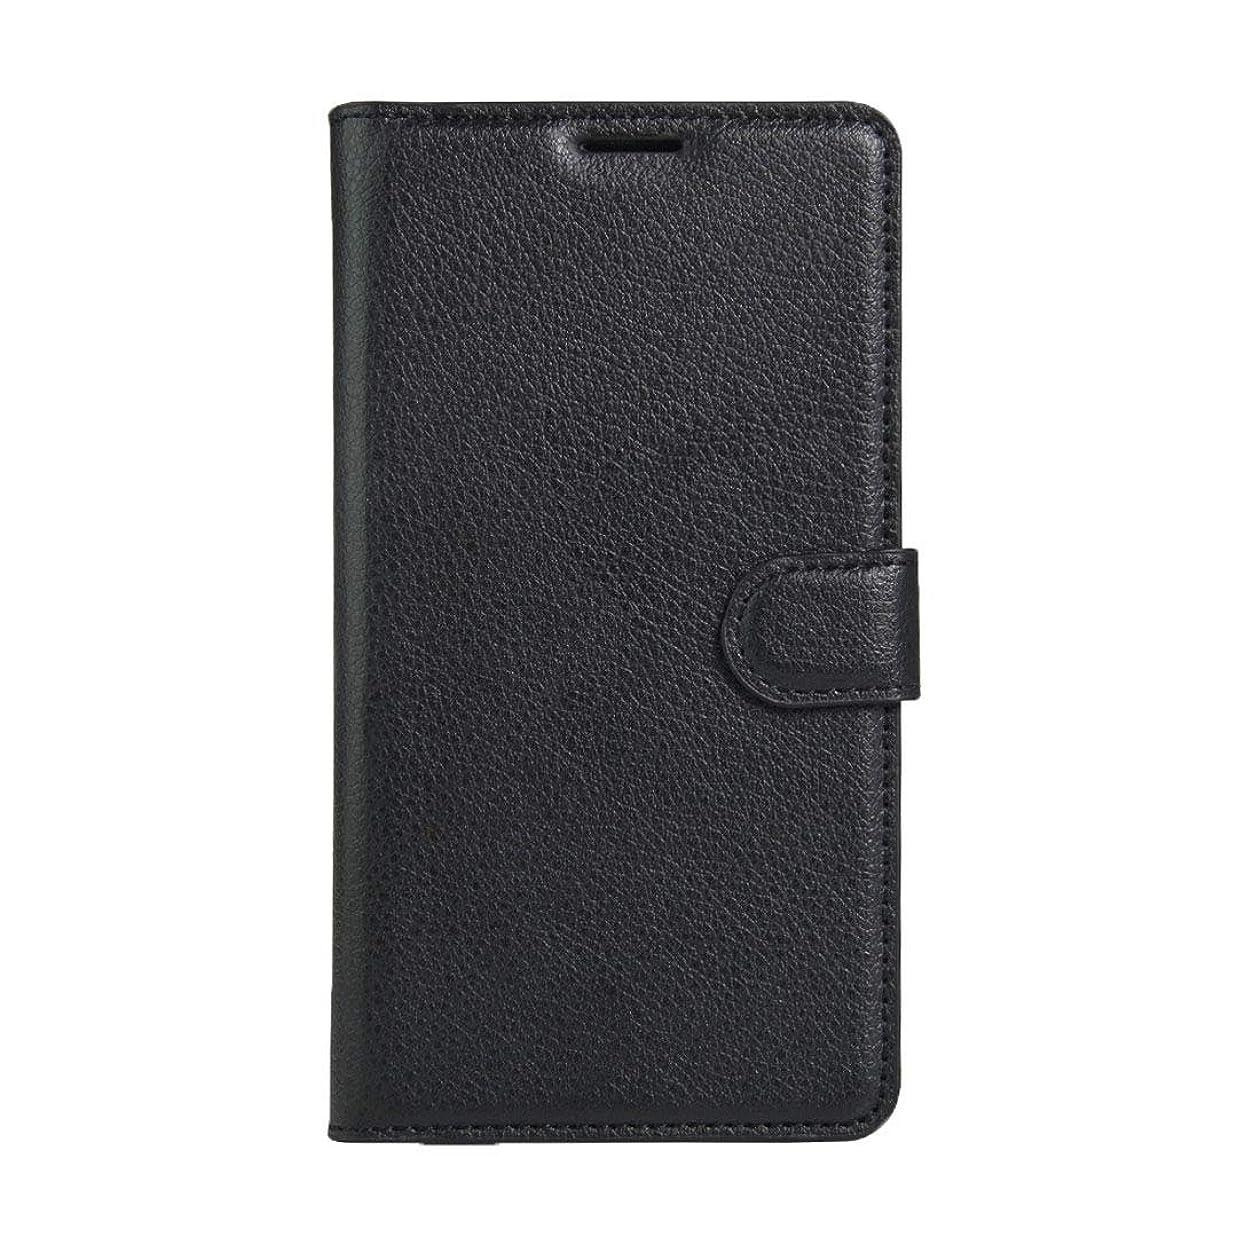 有益なモルヒネバナーHuawei nova Plus Litchi Textureの新機能ホルダー&カードスロット&ウォレット付きブラックフリップレザーケース(ブラック) Lianz (色 : Black)